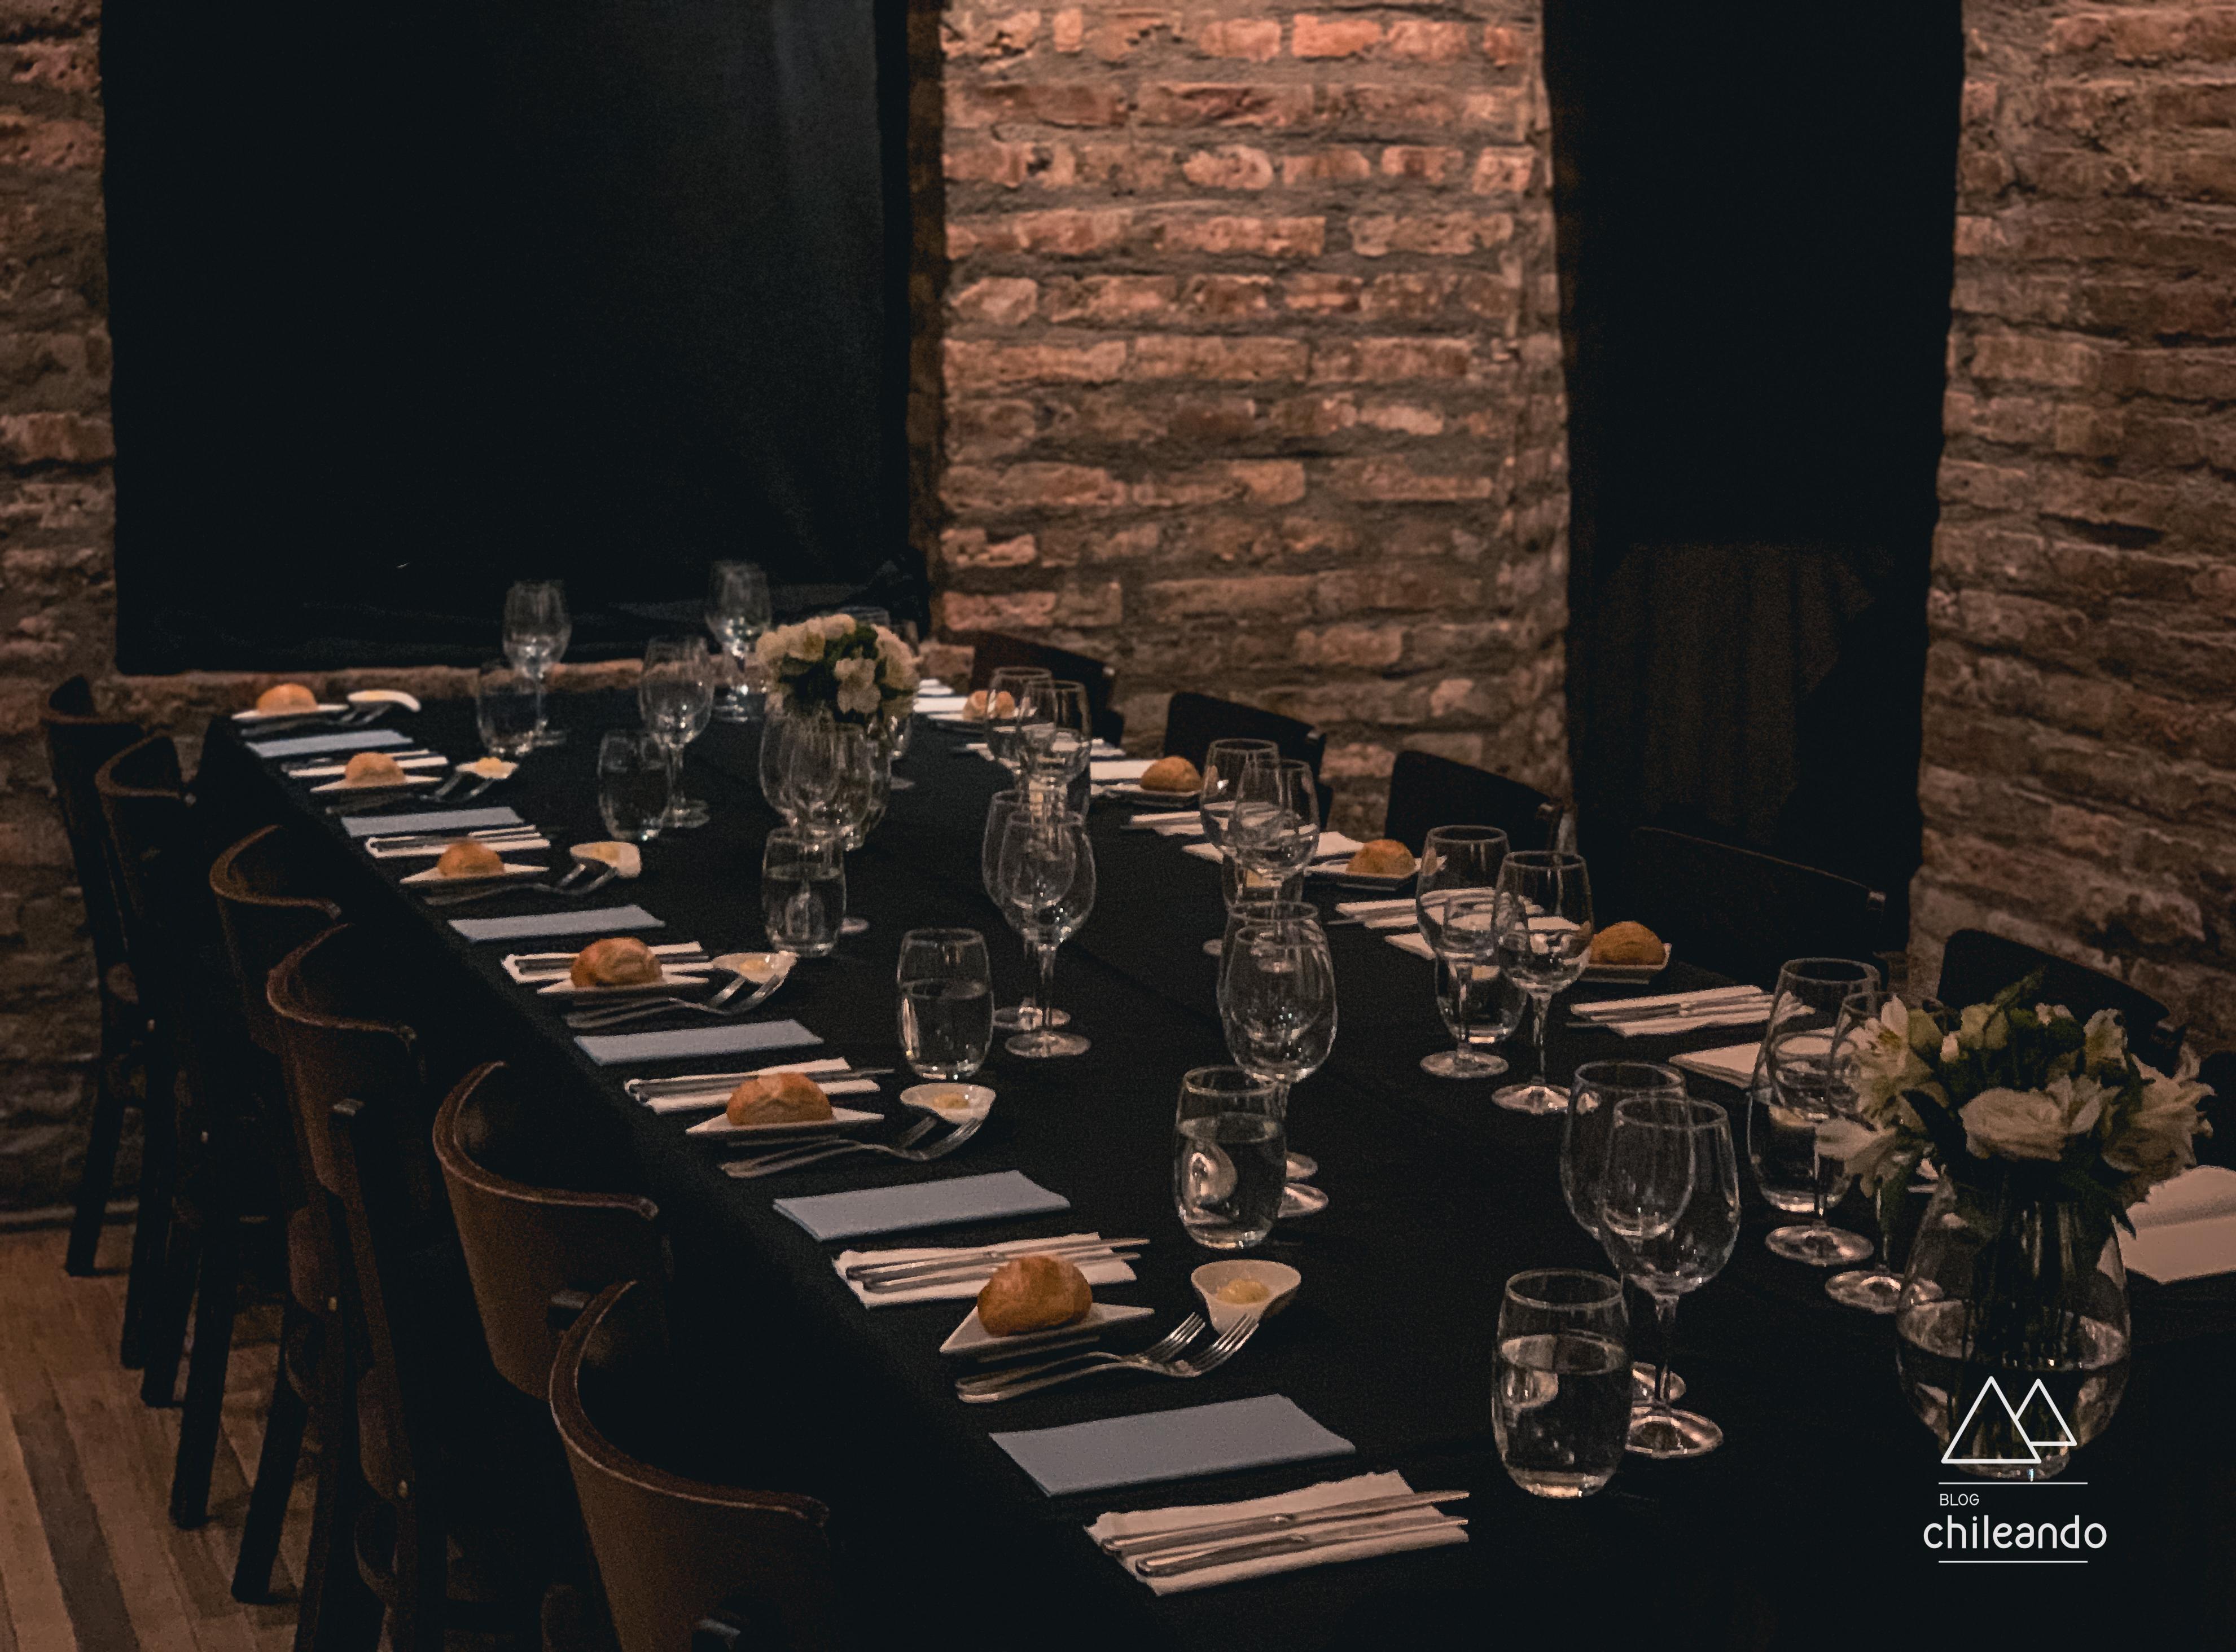 Sala do jantar no escuro em Santiago